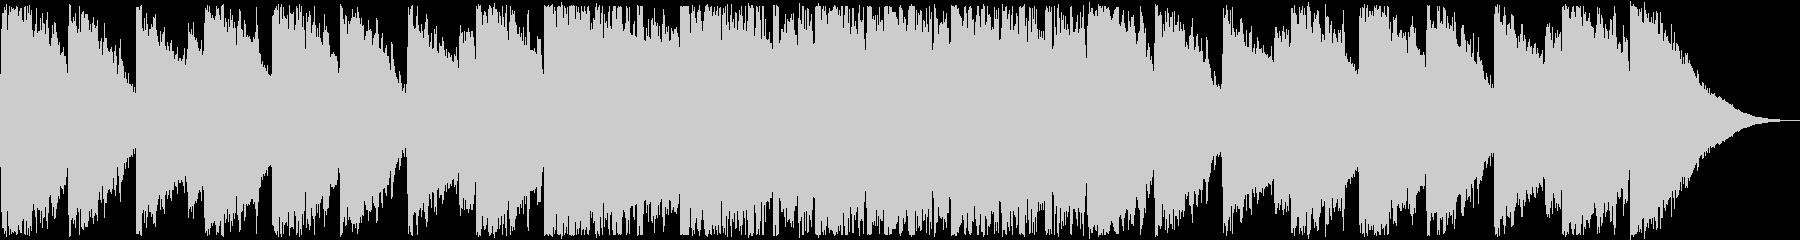 オープニング・おしゃれな洋楽ポップスの未再生の波形